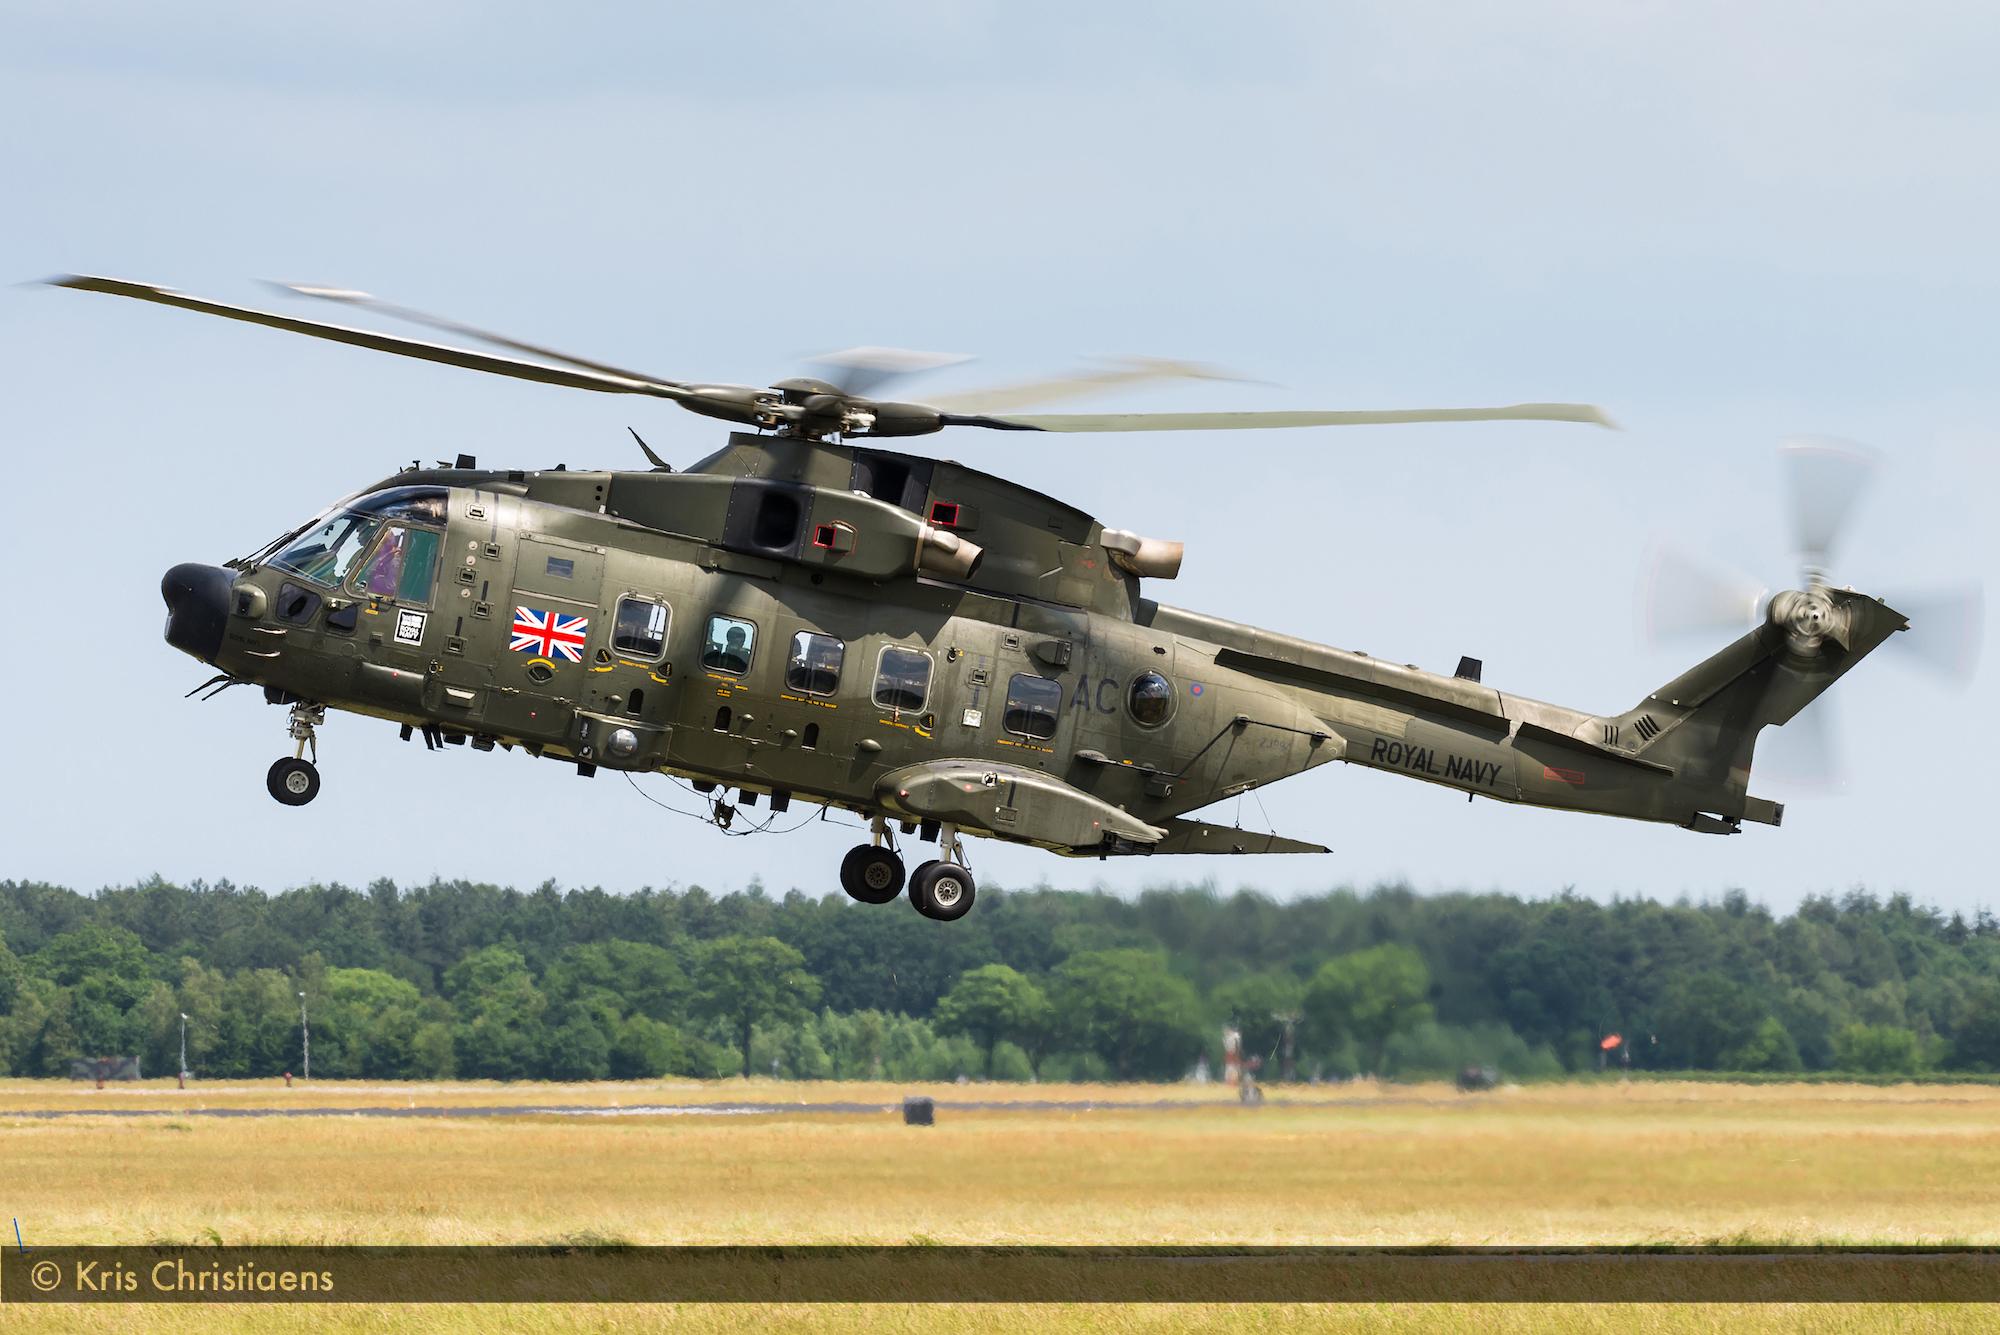 AgustaWestland AW101 Merlin